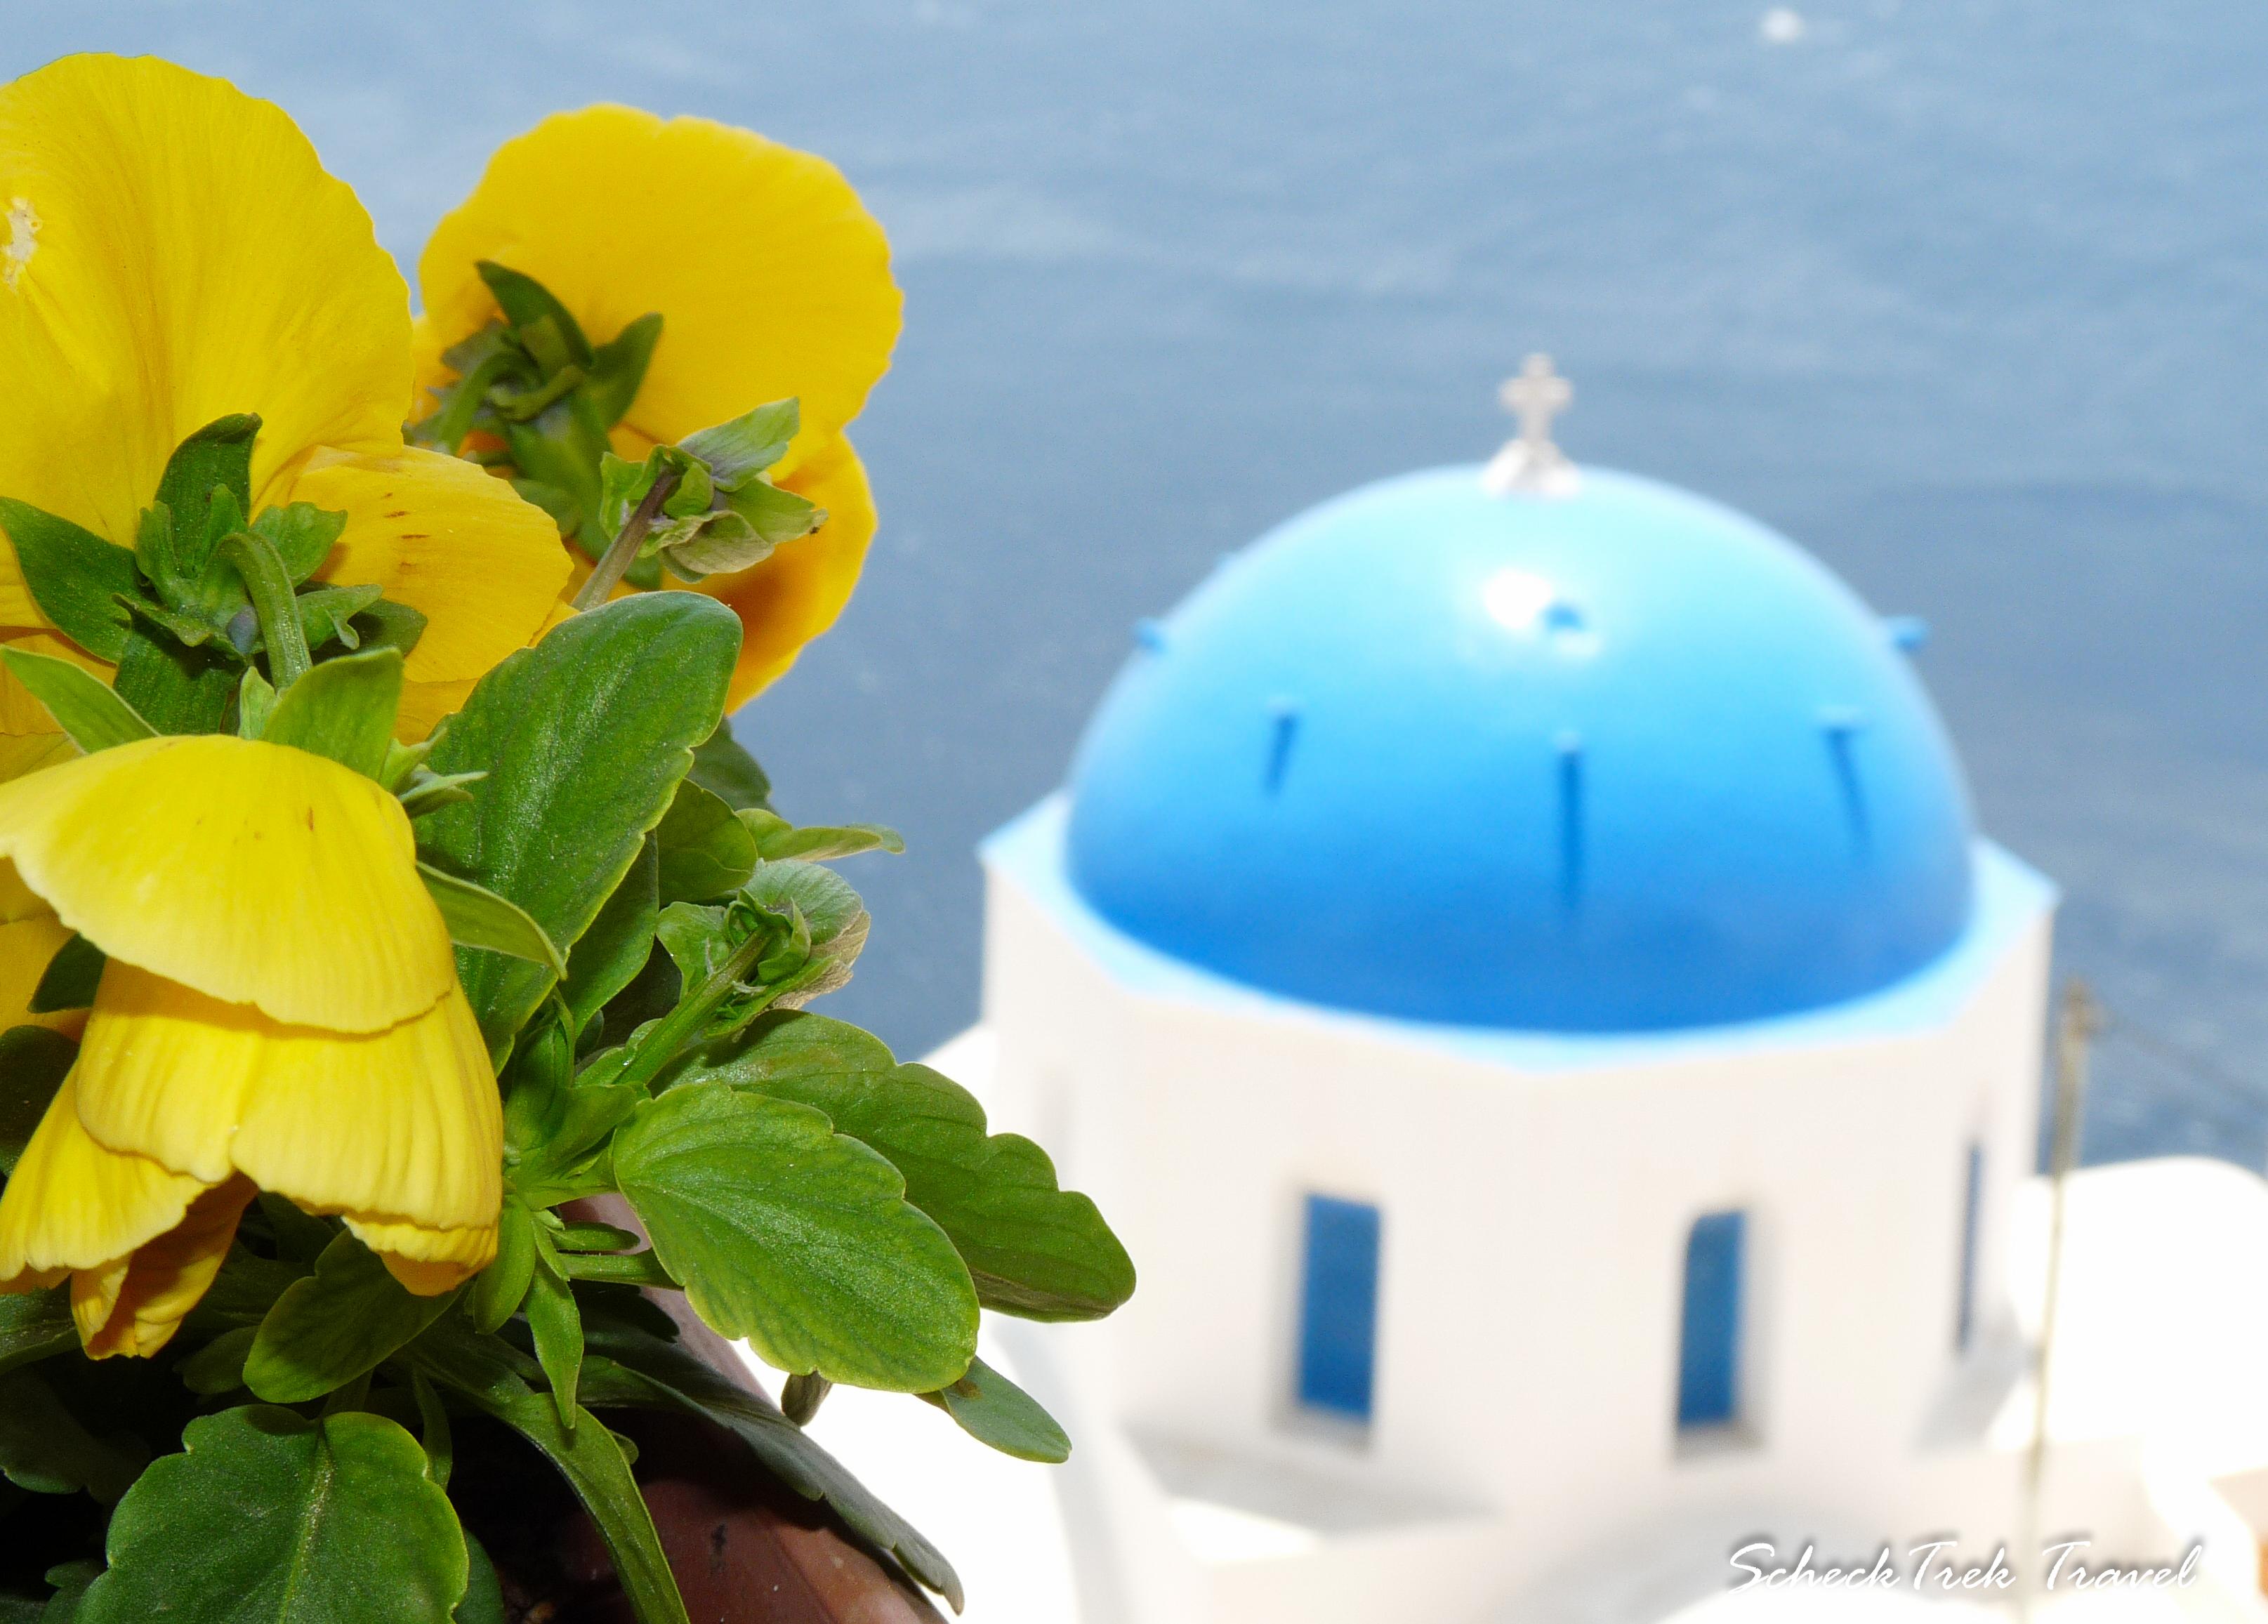 Santorini's Famous Blue Dome